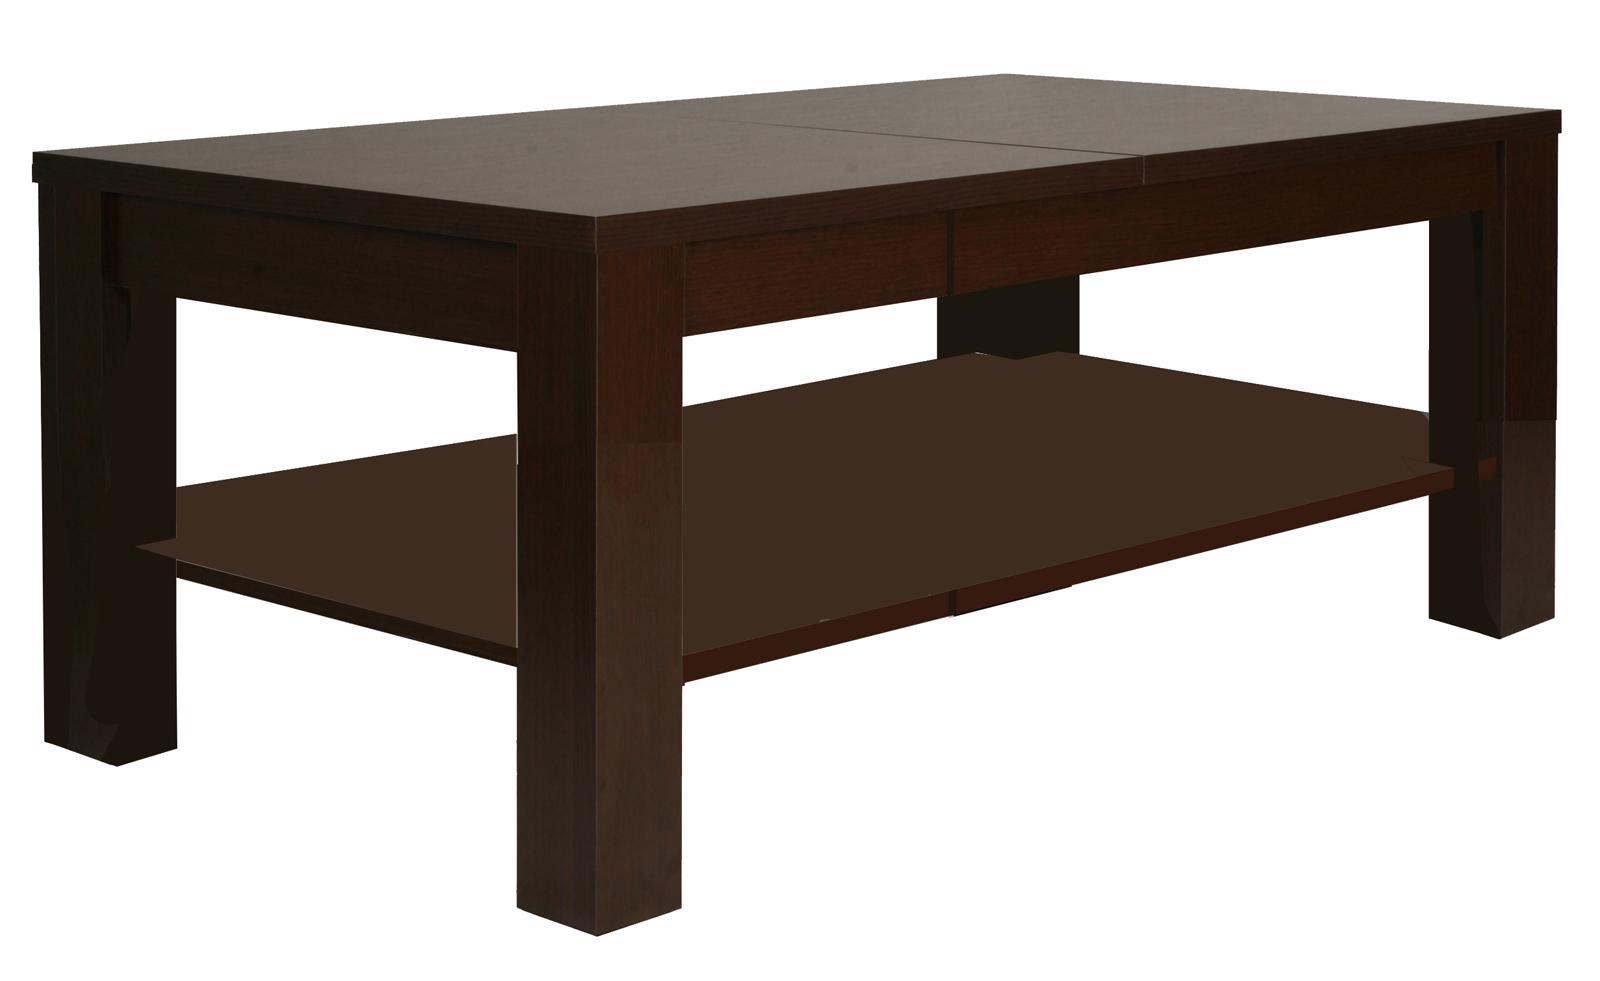 Konferenční stolek - Tempo Kondela - Pello - Typ 70